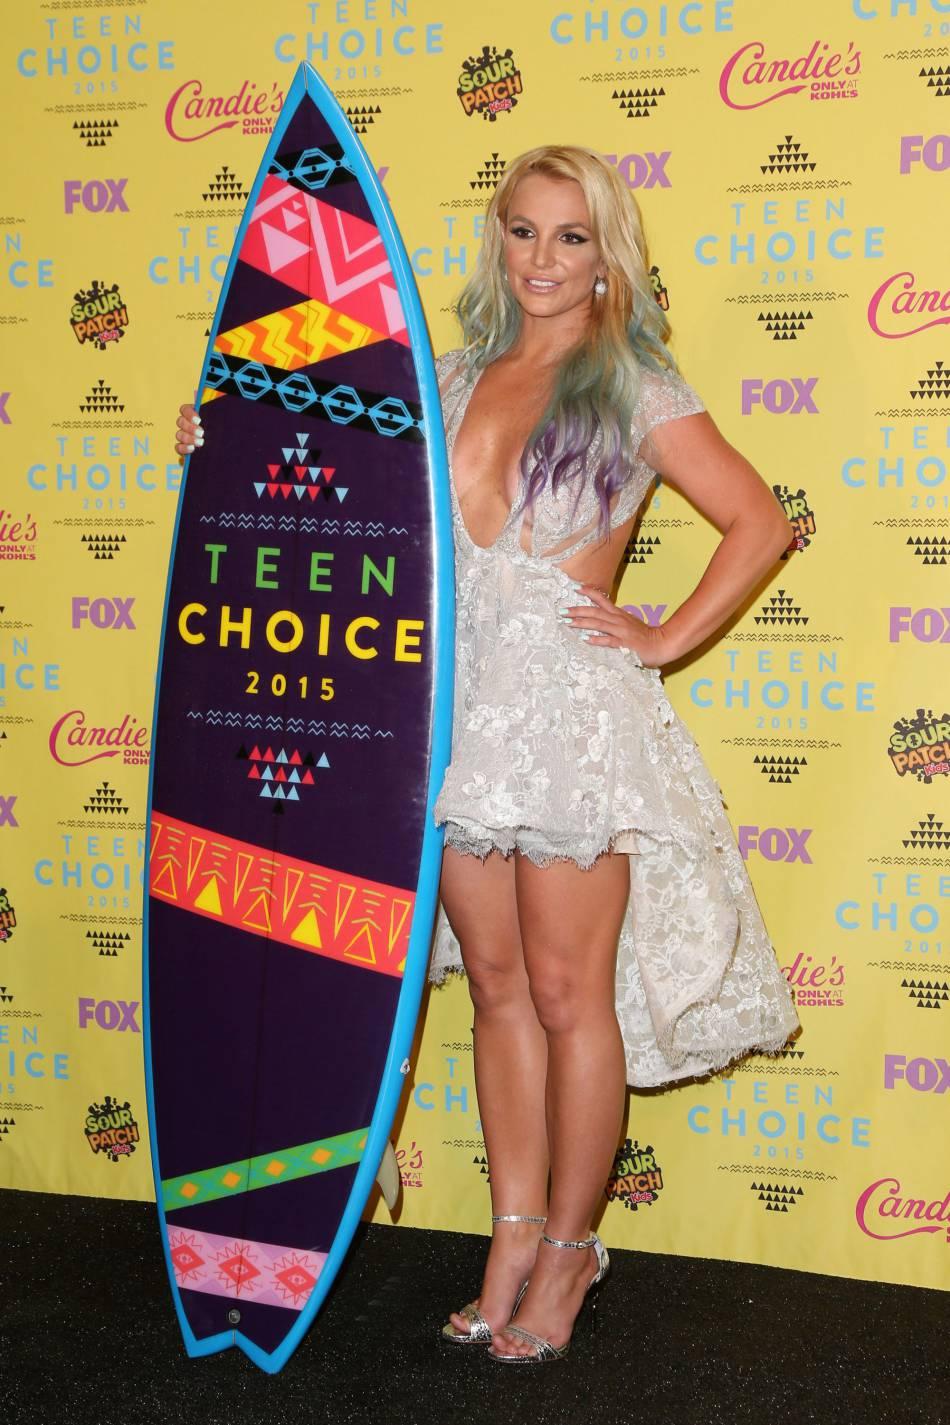 La chanteuse a remporté le prix de l'icône qui a le meilleur style vestimentaire.